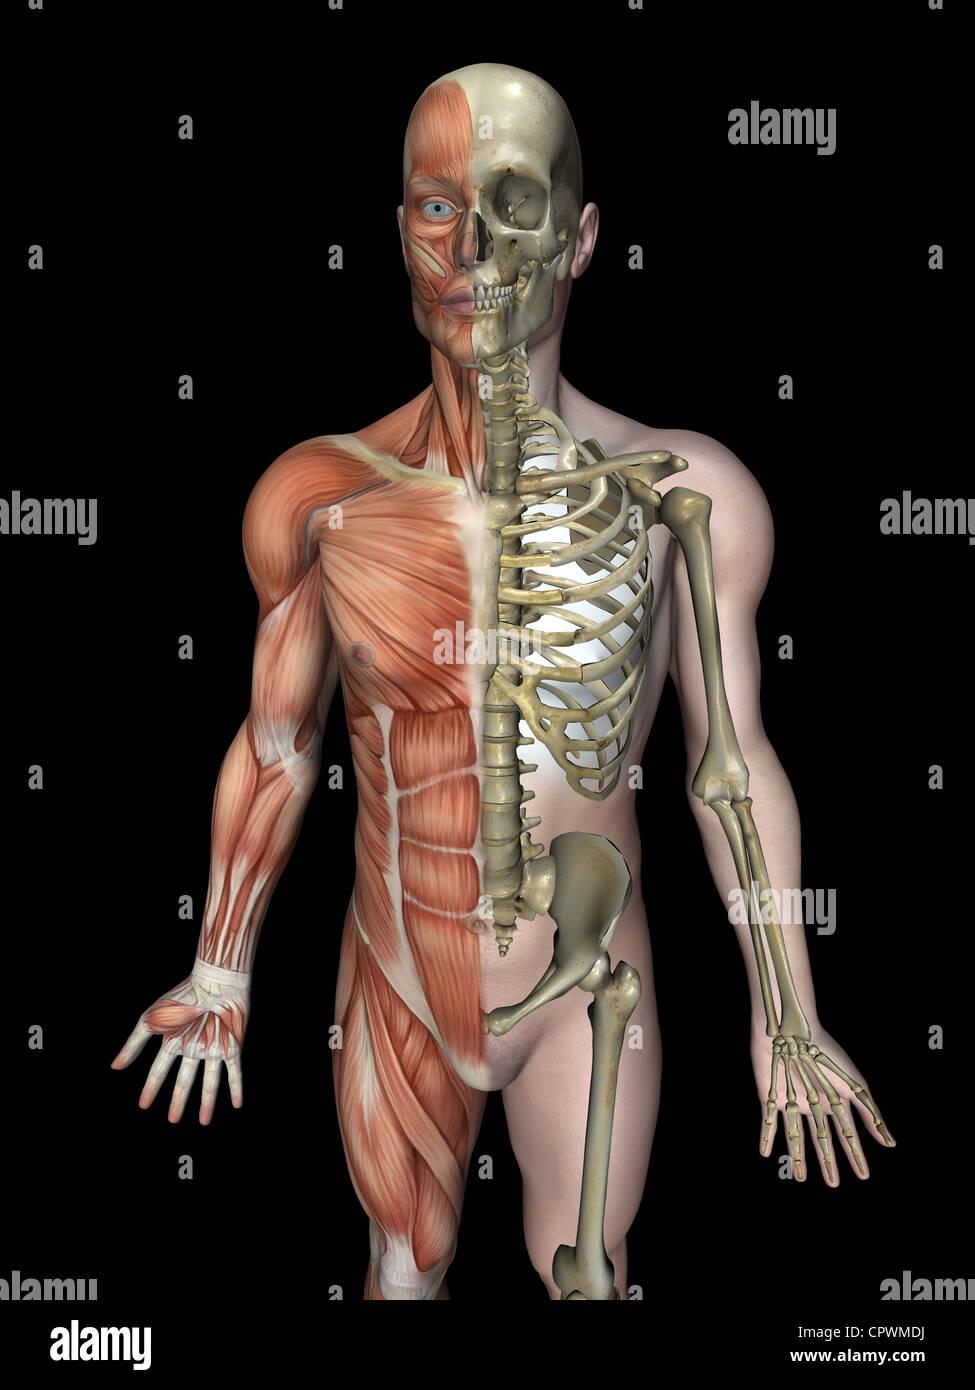 Ilustración anatómica del cuerpo humano mostrando el esqueleto y ...